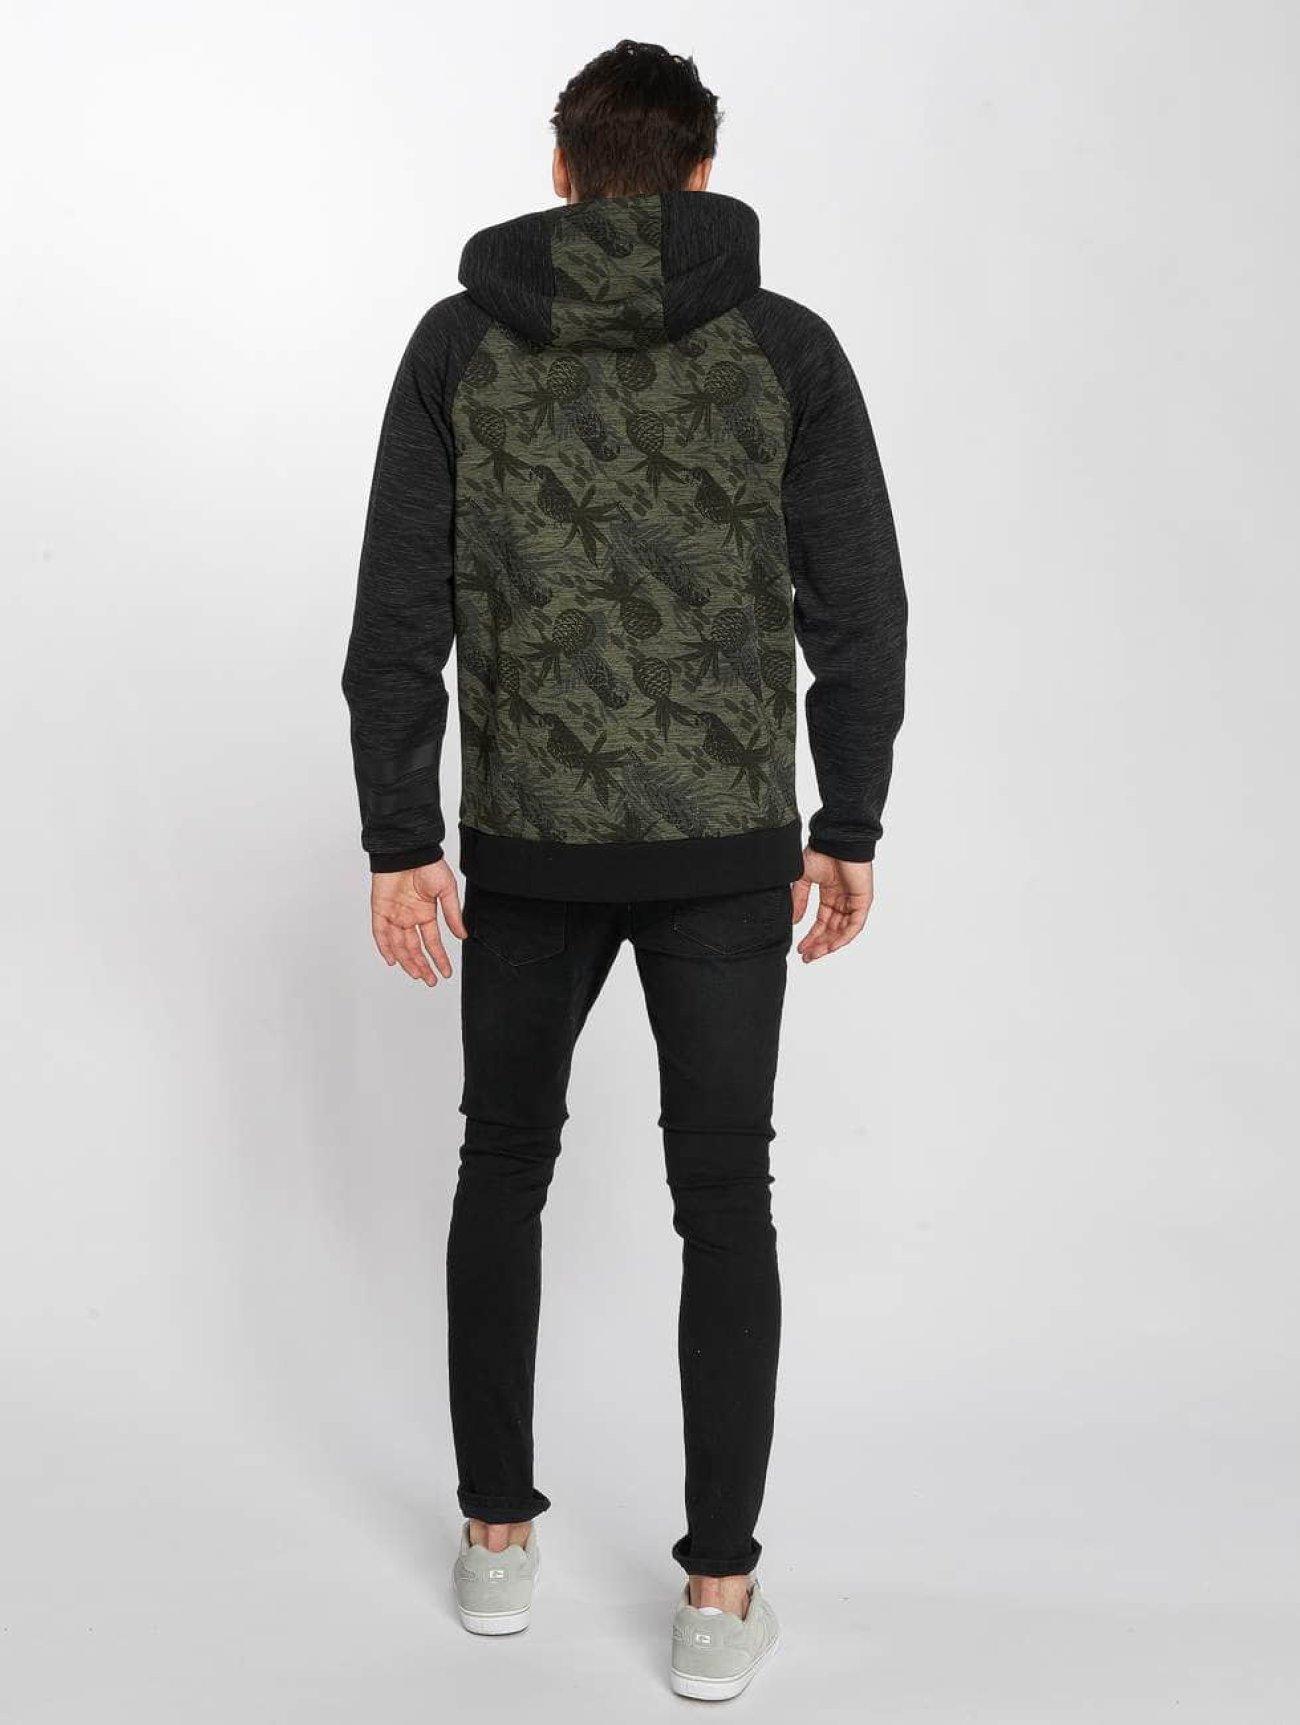 Hurley | Phantom Paradise  camouflage Homme Sweat capuche zippé  497618| Homme Hauts